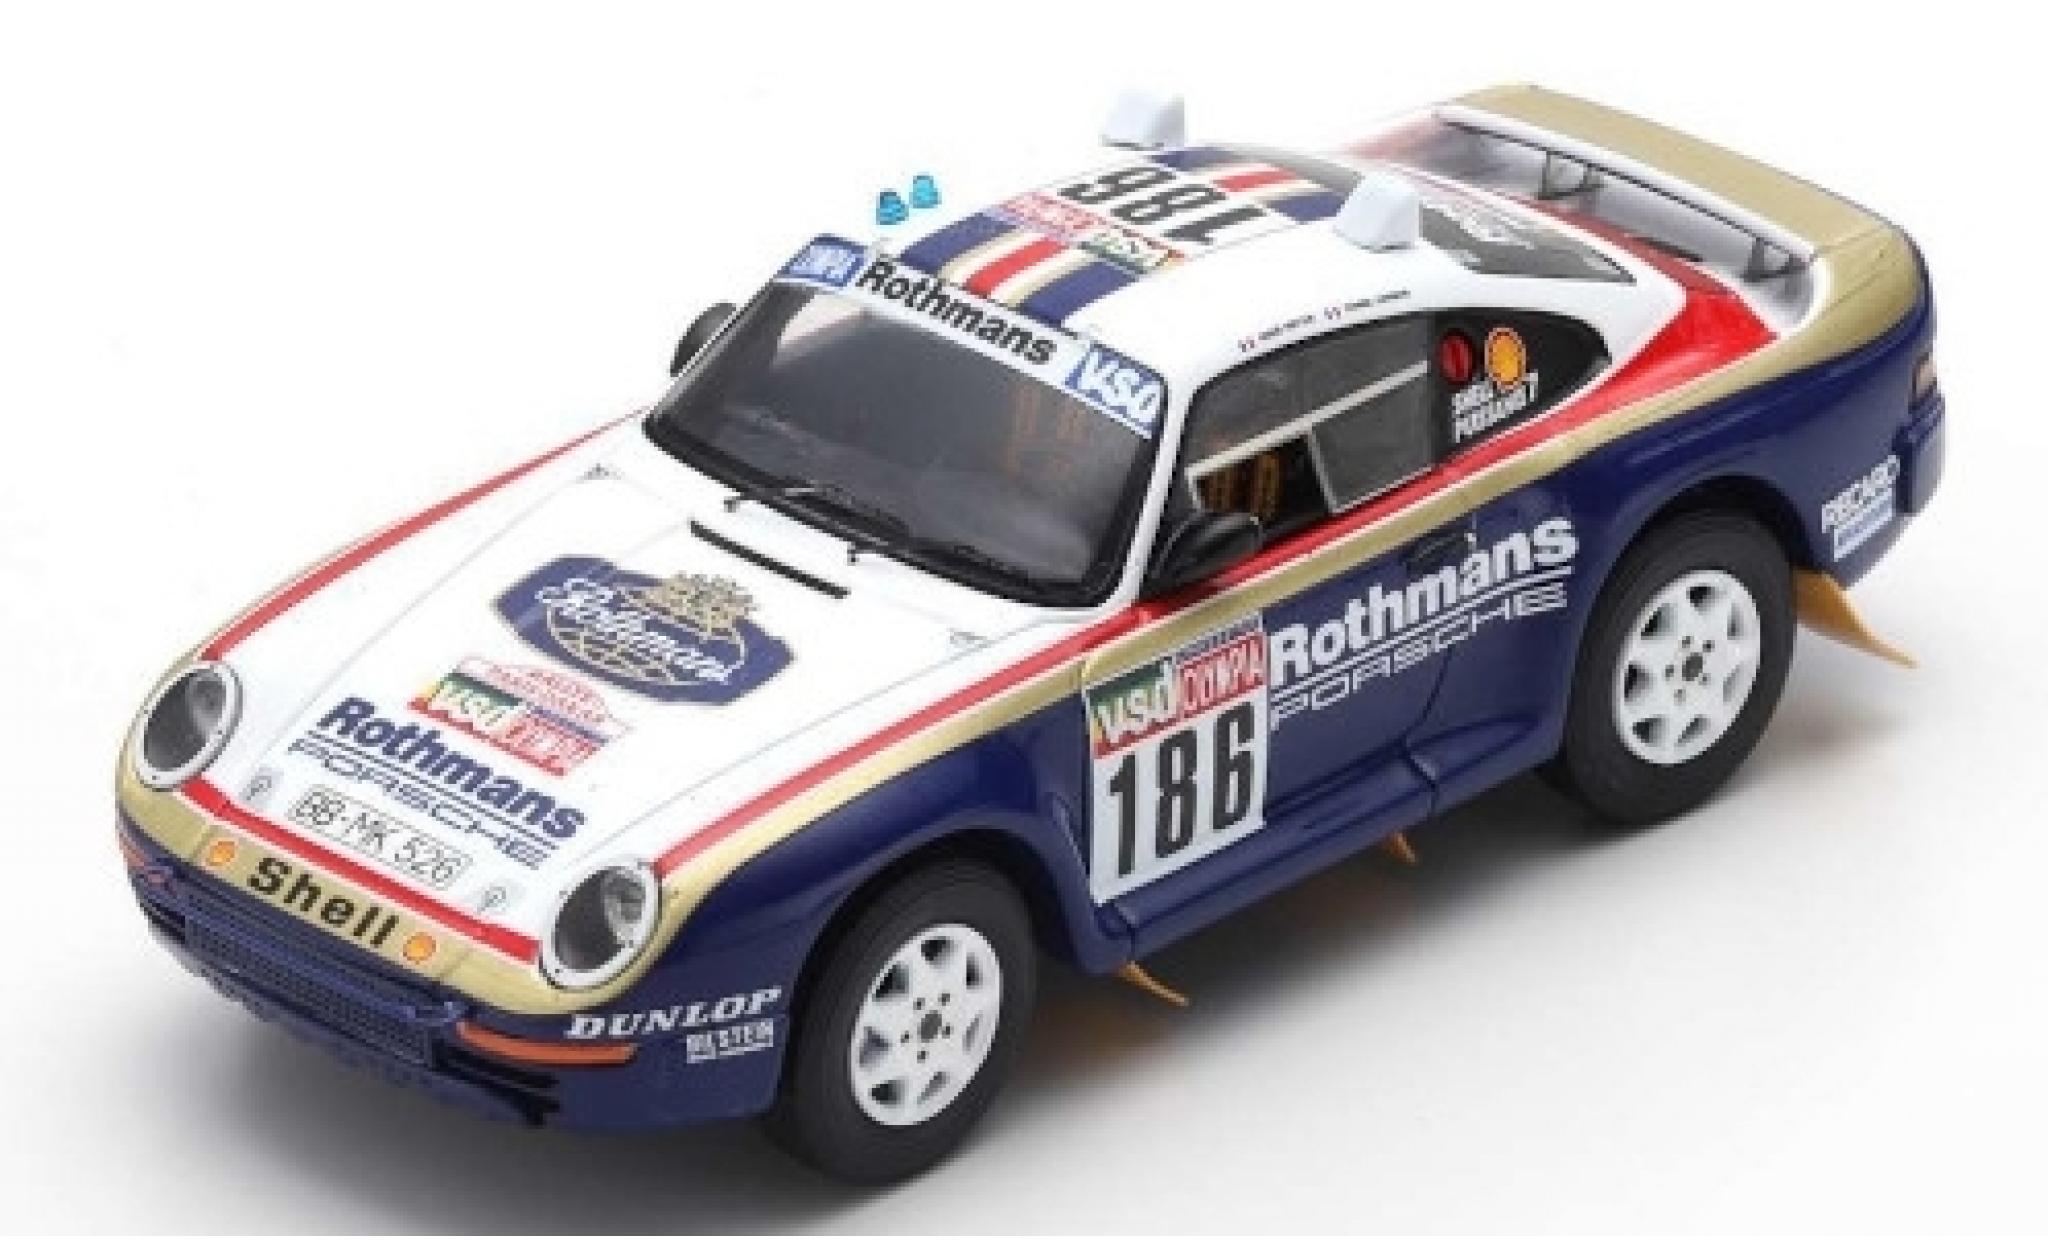 Porsche 959 1/43 Spark No.186 Rothmans Rallye Paris Dakar 1985 avec Decals R.Metge/D.Lemoine